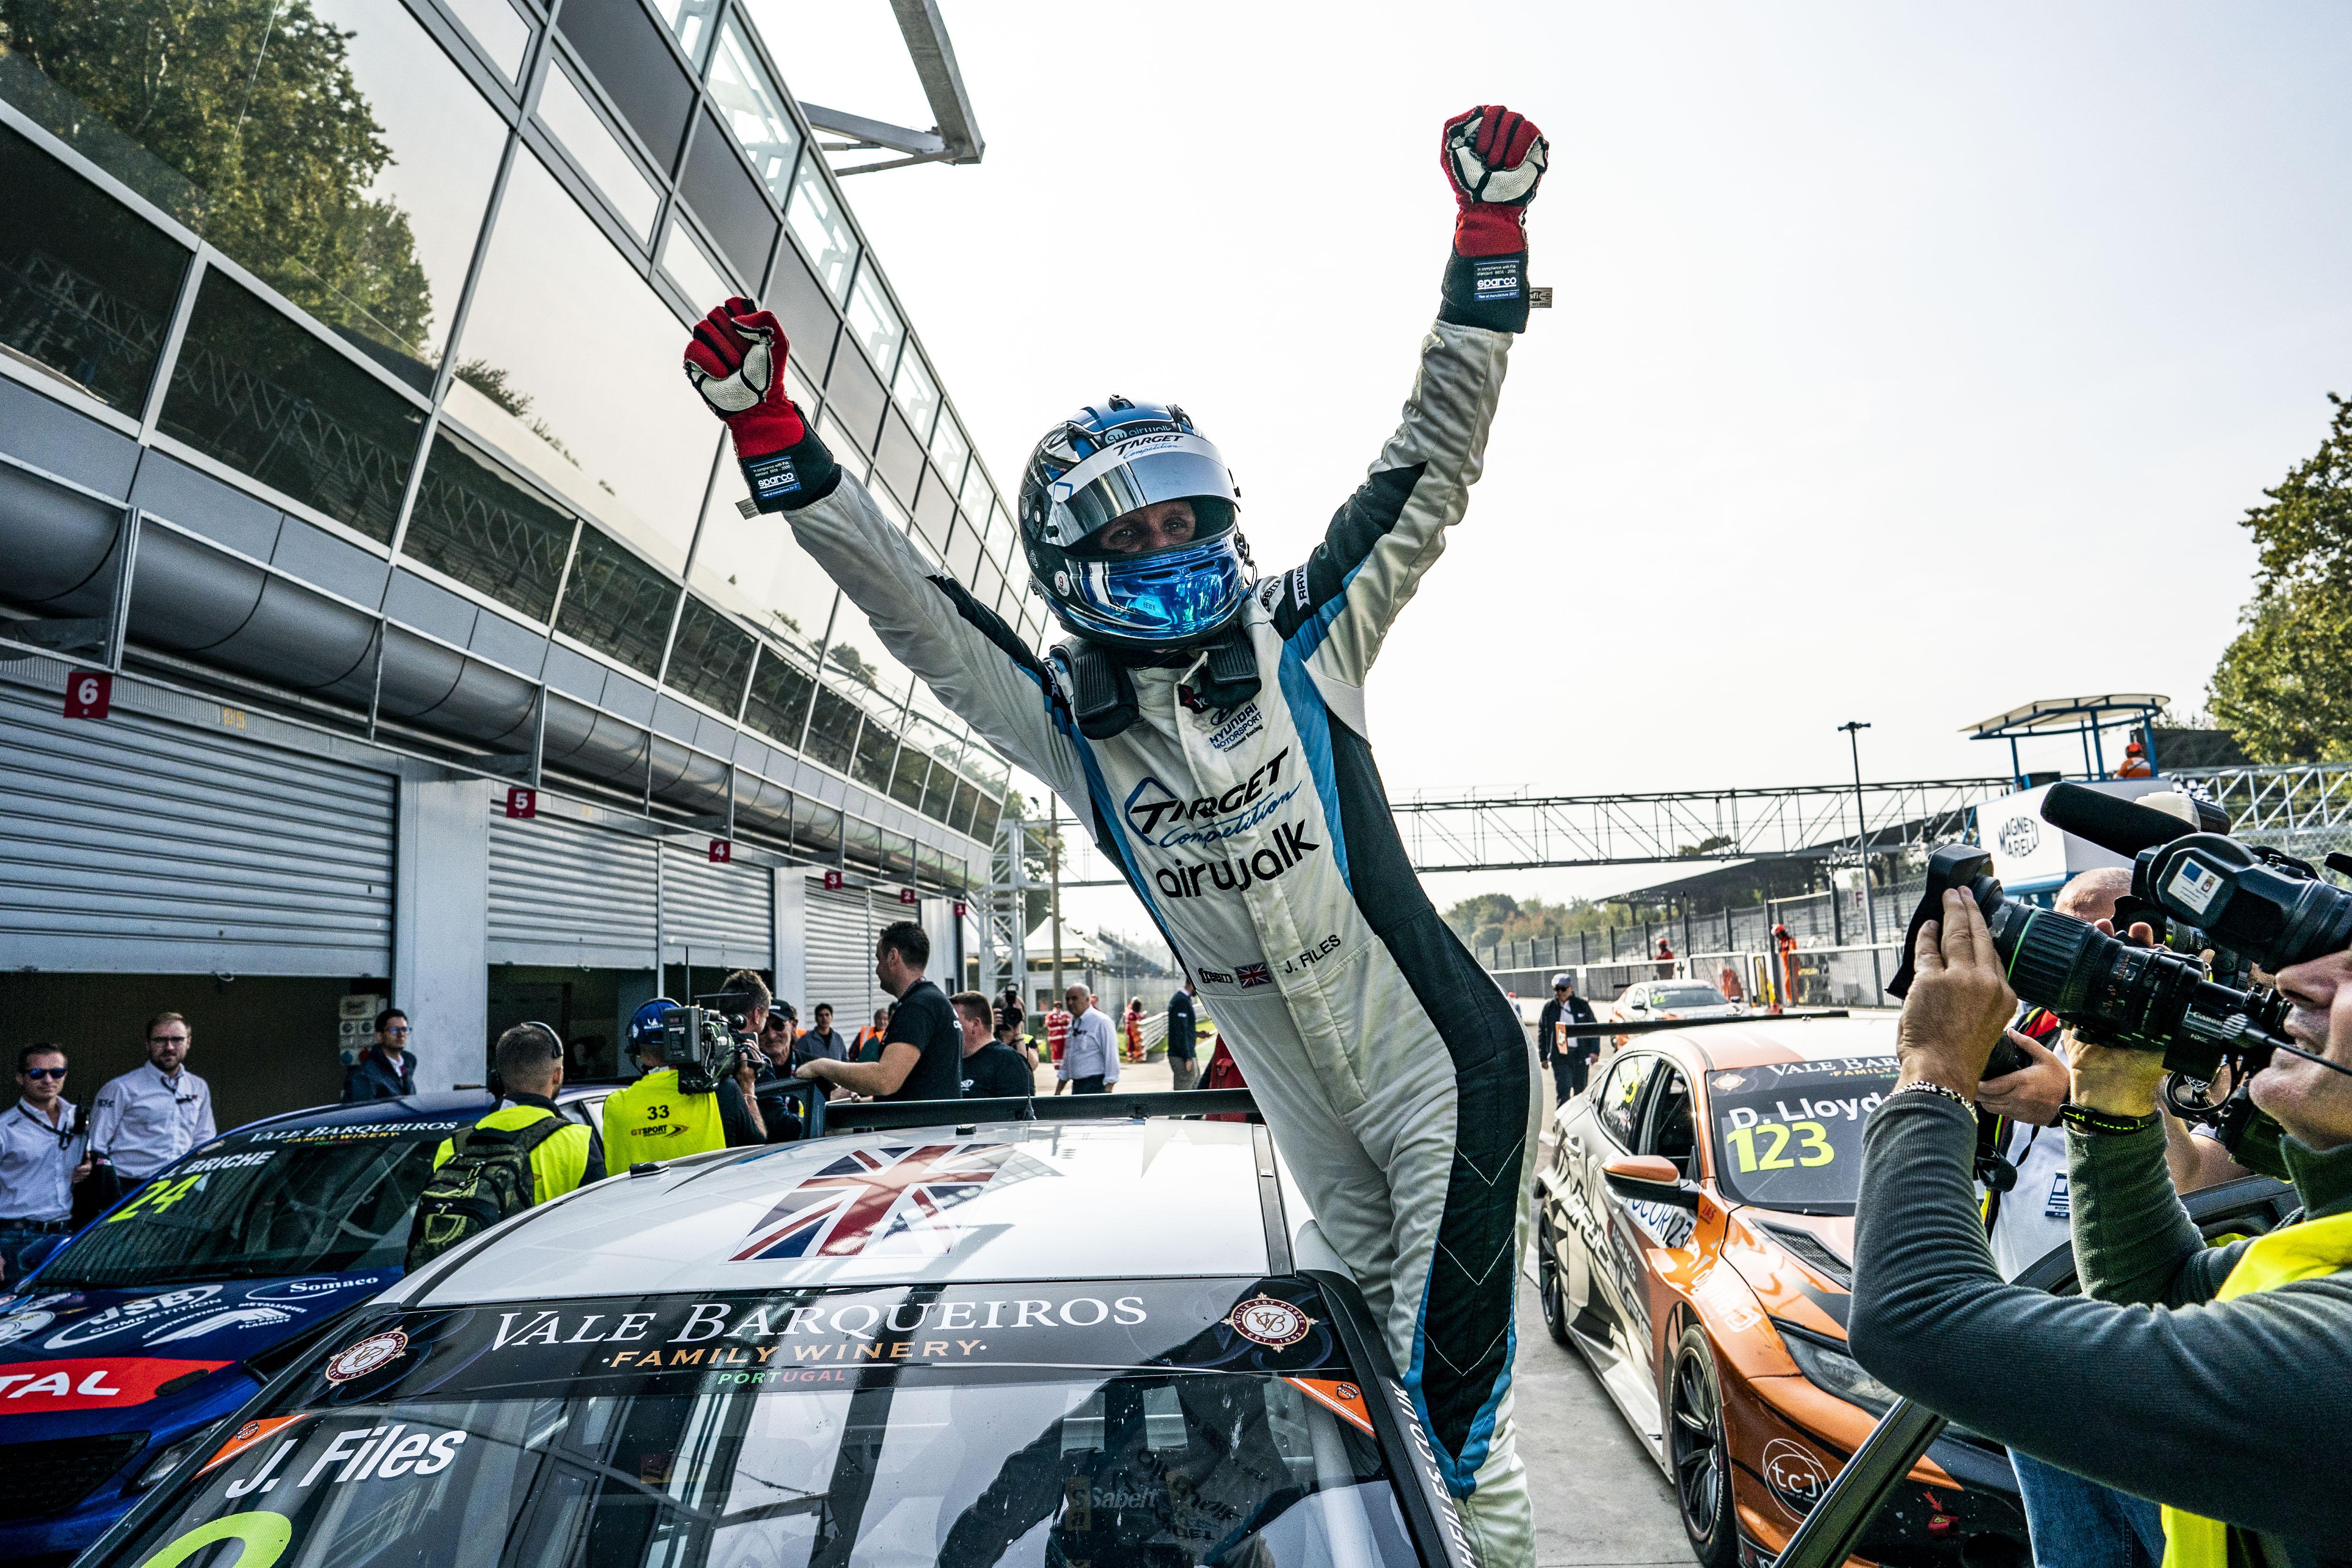 TCR EU: Az utolsó körig nyitott volt a harc, Files a 2019-es bajnok